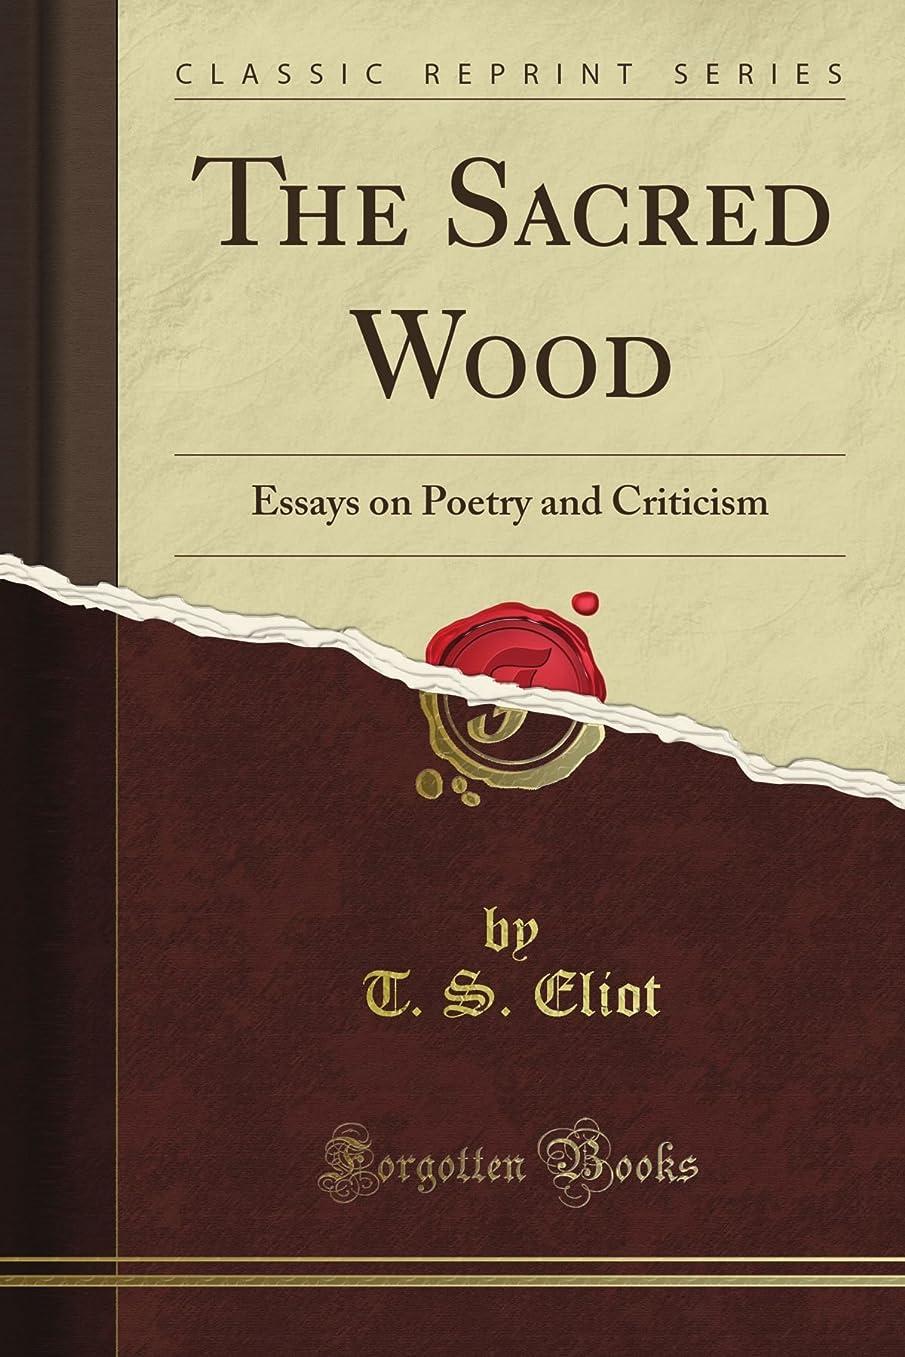 ハチおなじみのに対処するThe Sacred Wood: Essays on Poetry and Criticism (Classic Reprint)